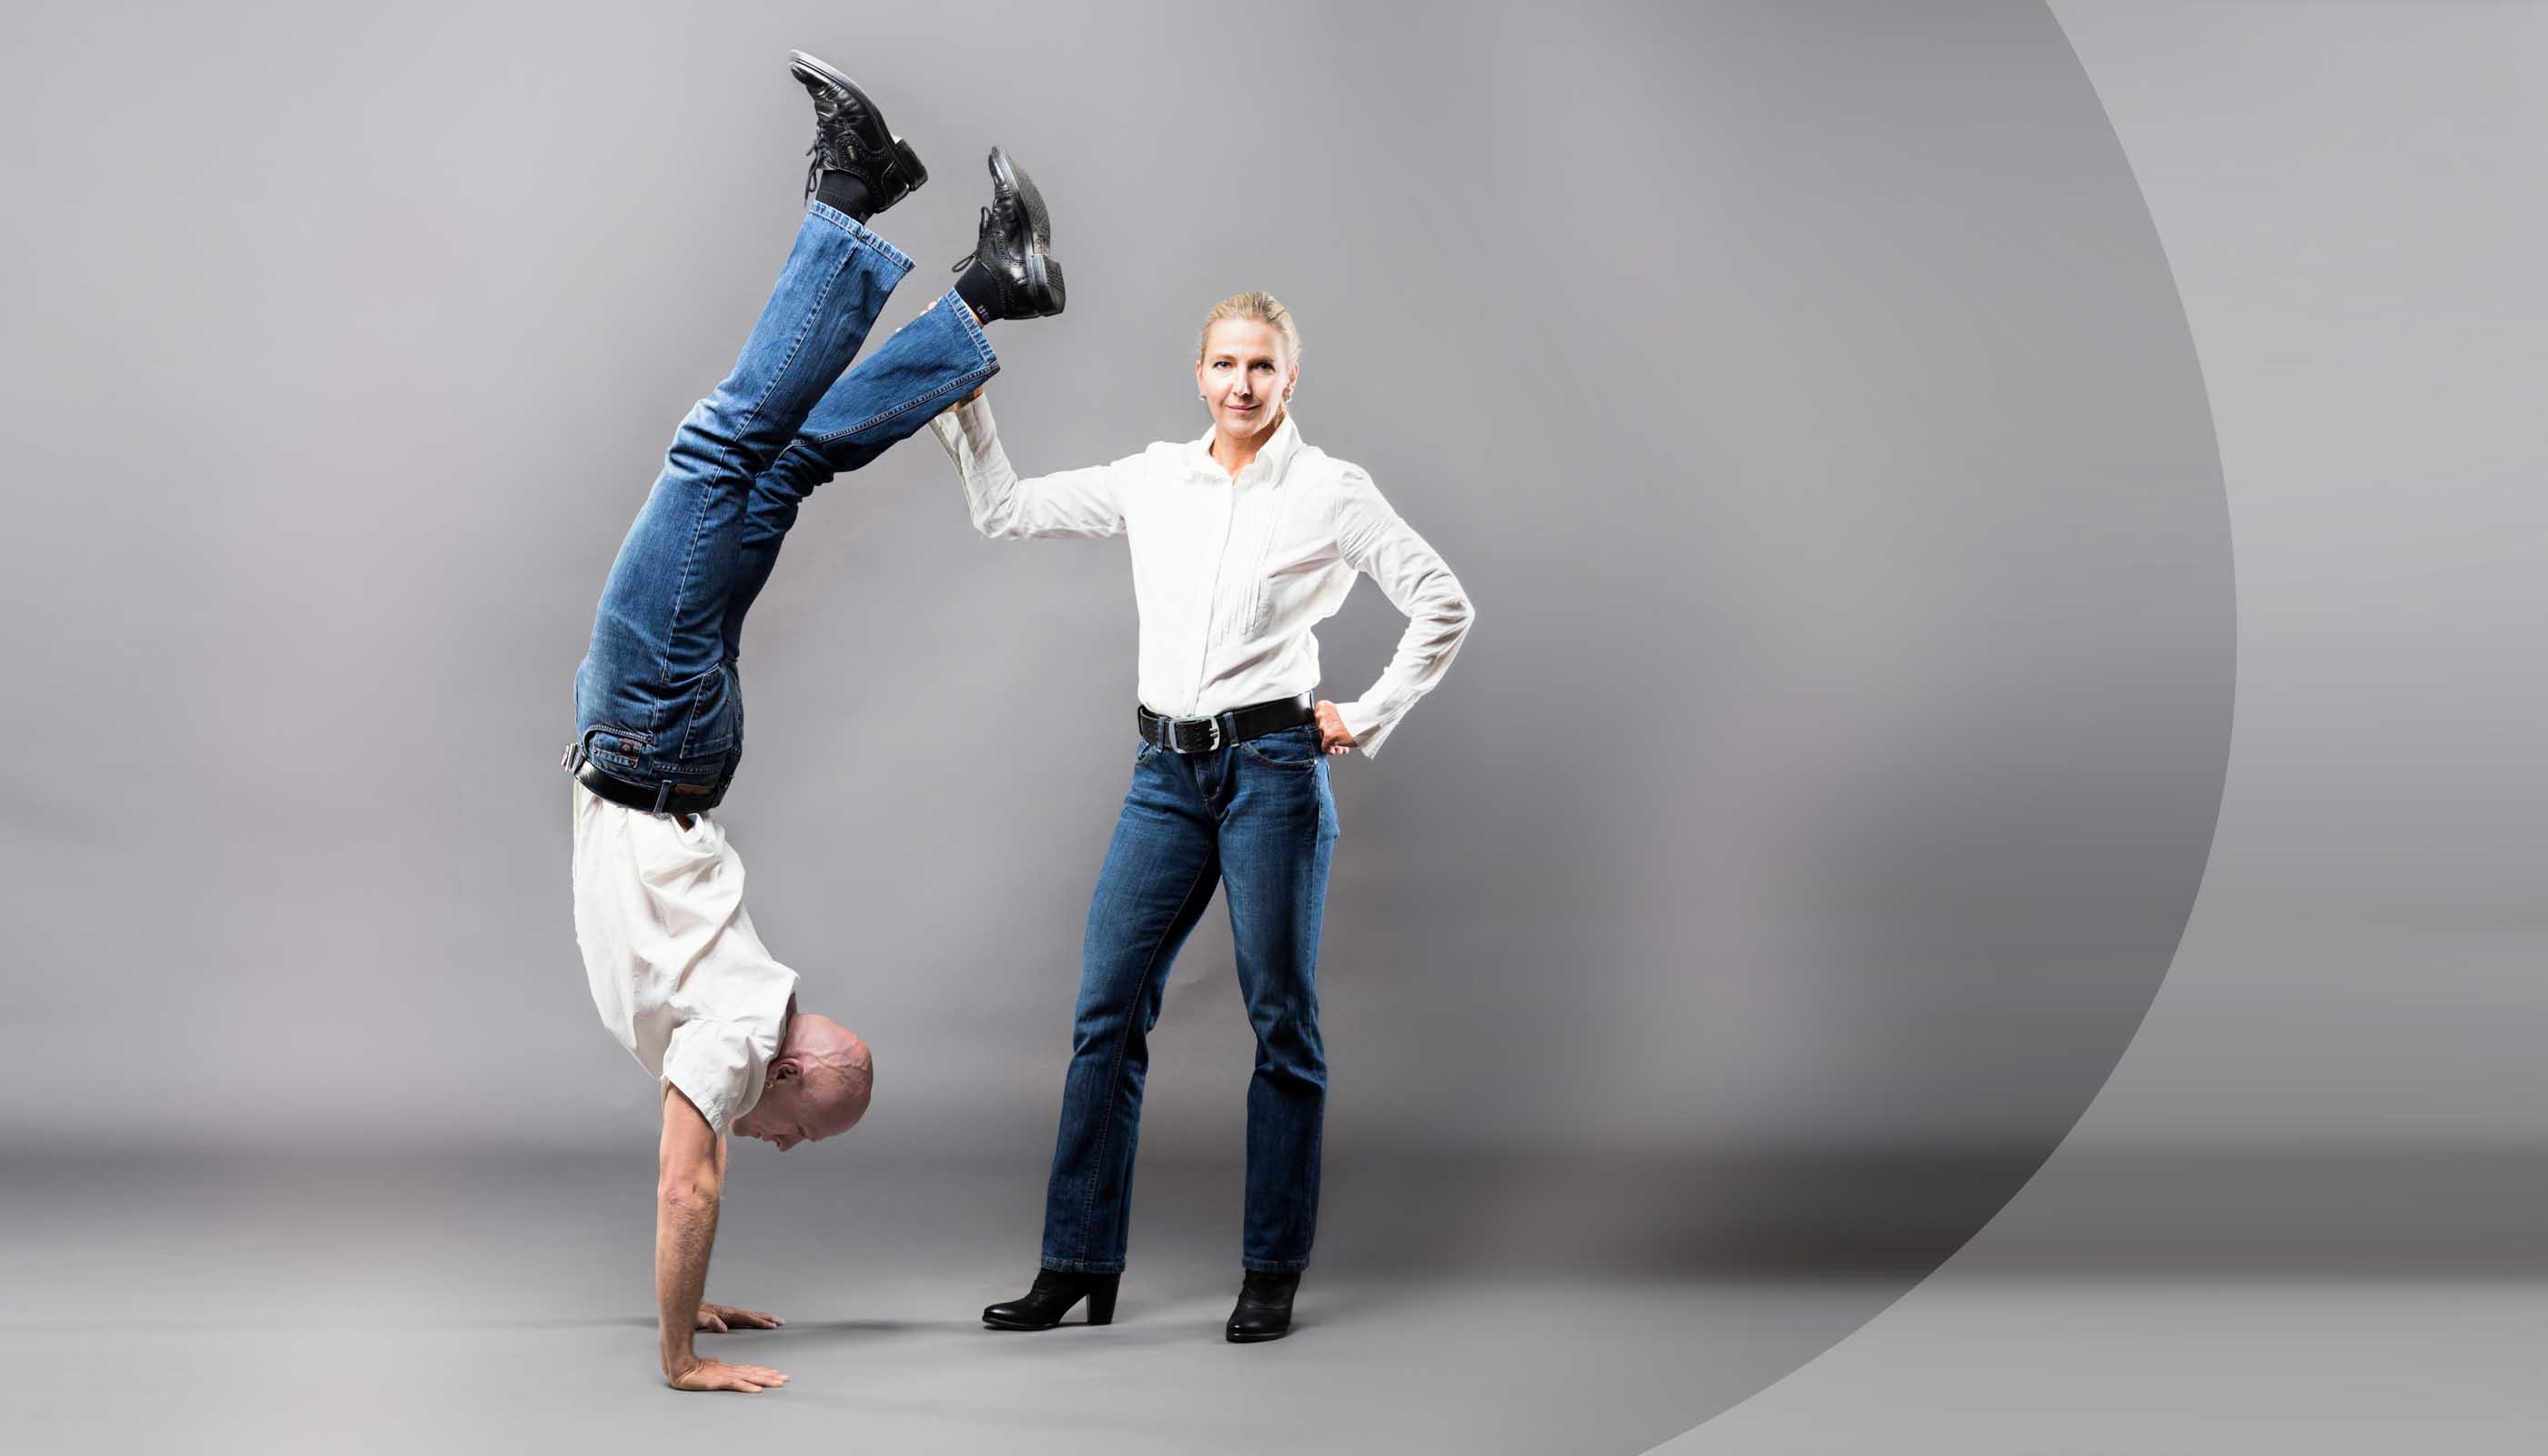 Susanne und Christian in Jeans und weißem Hemd, Christian im Handstand